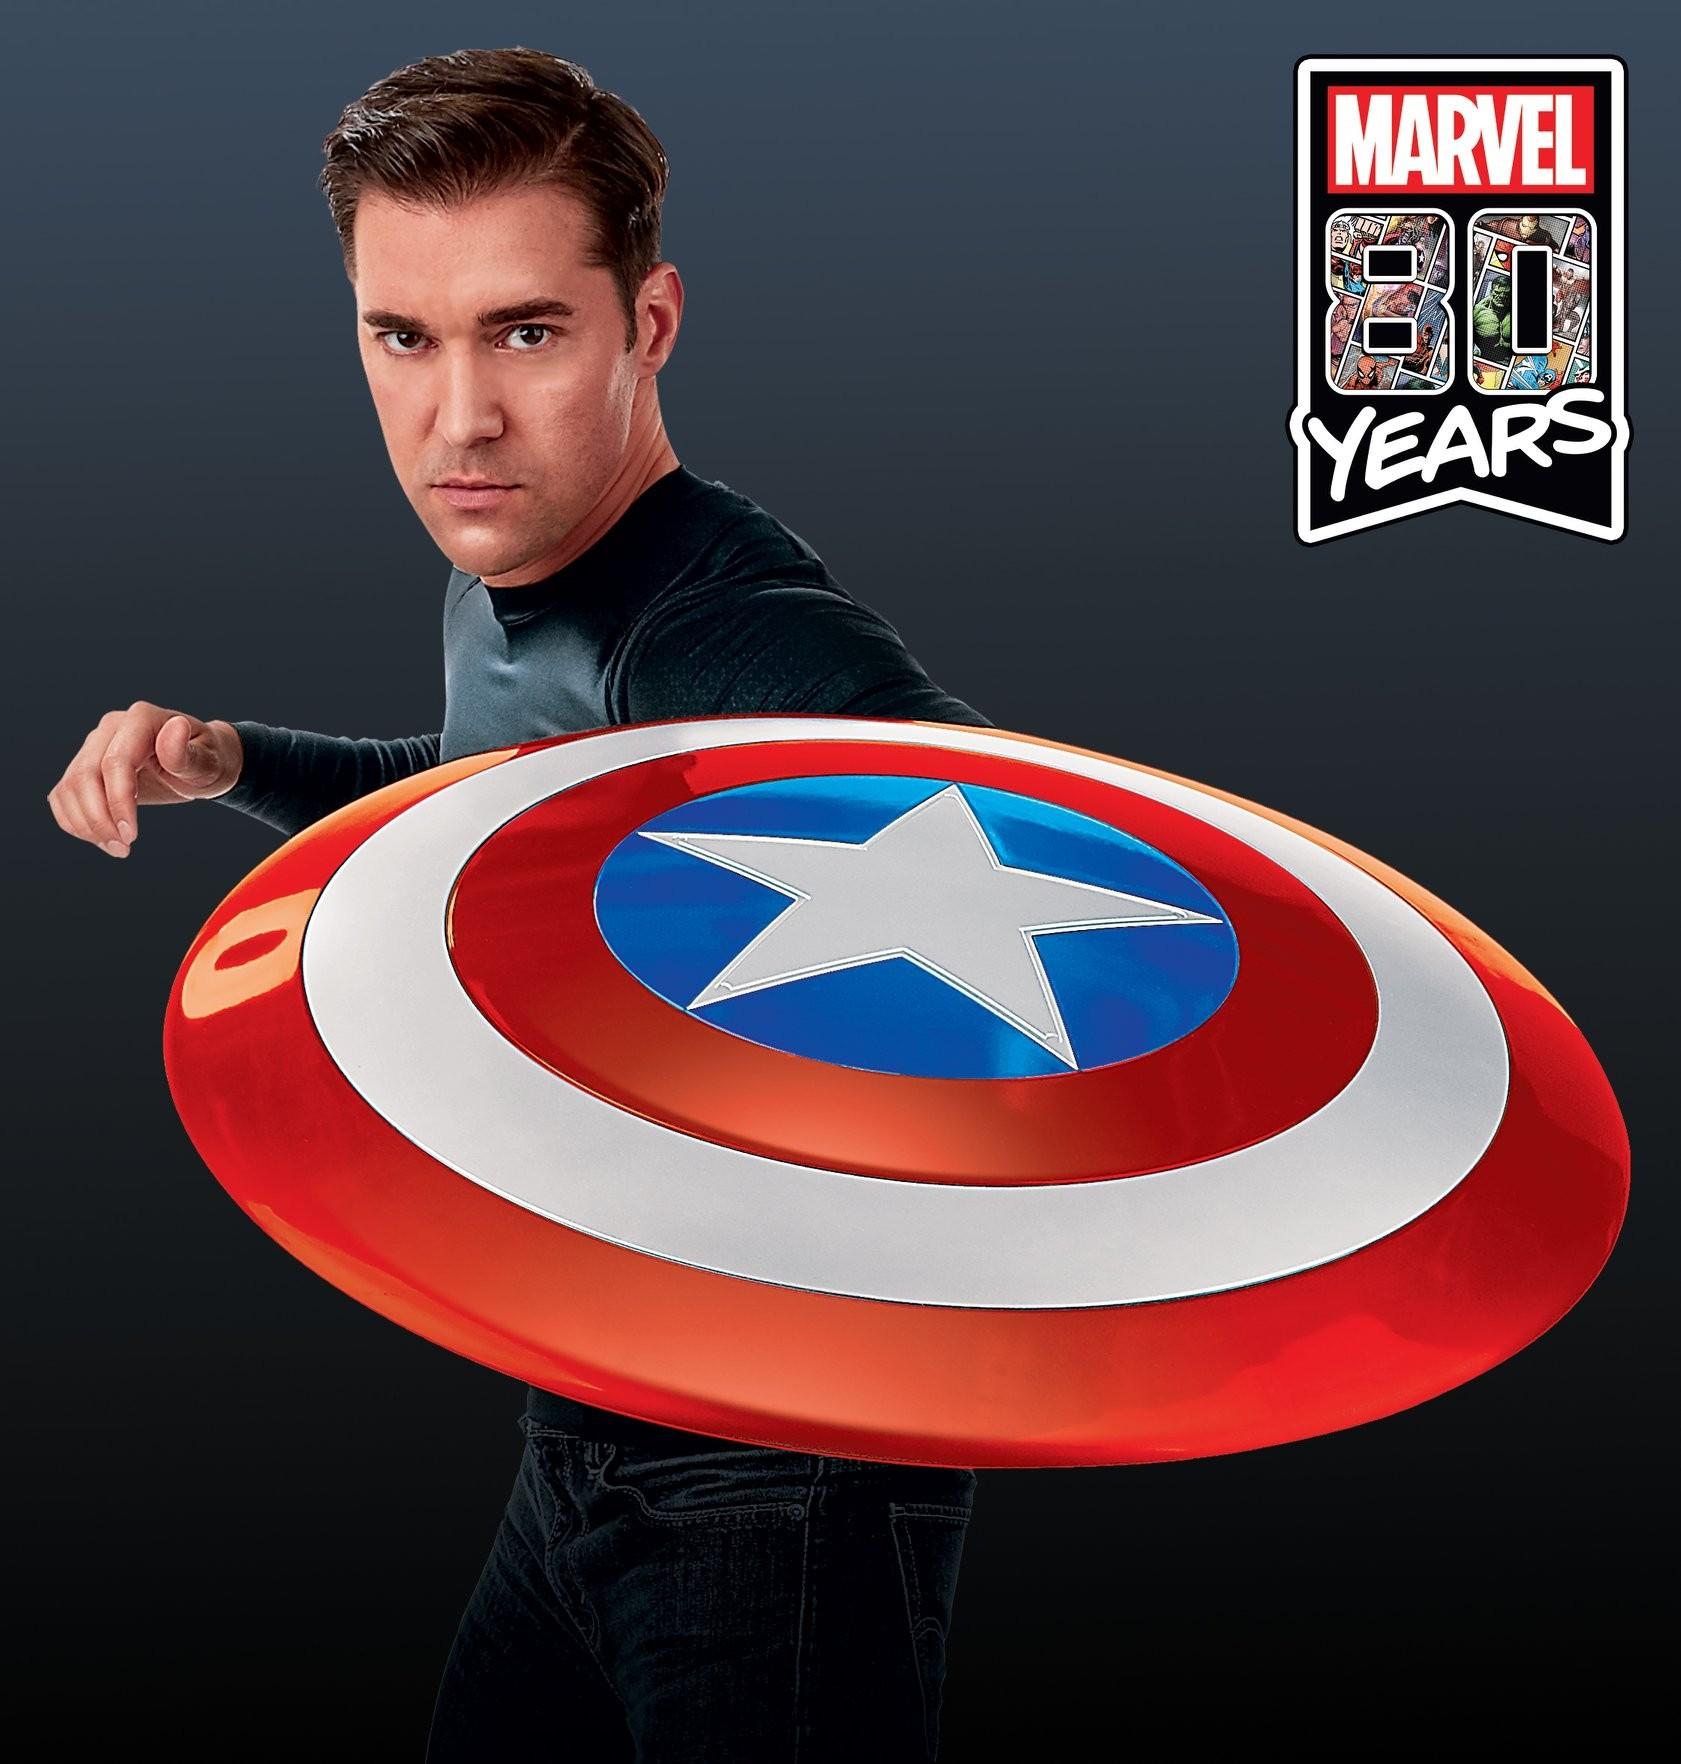 Marvel Legends Captain America 2020 Scale Comic Shield Replica